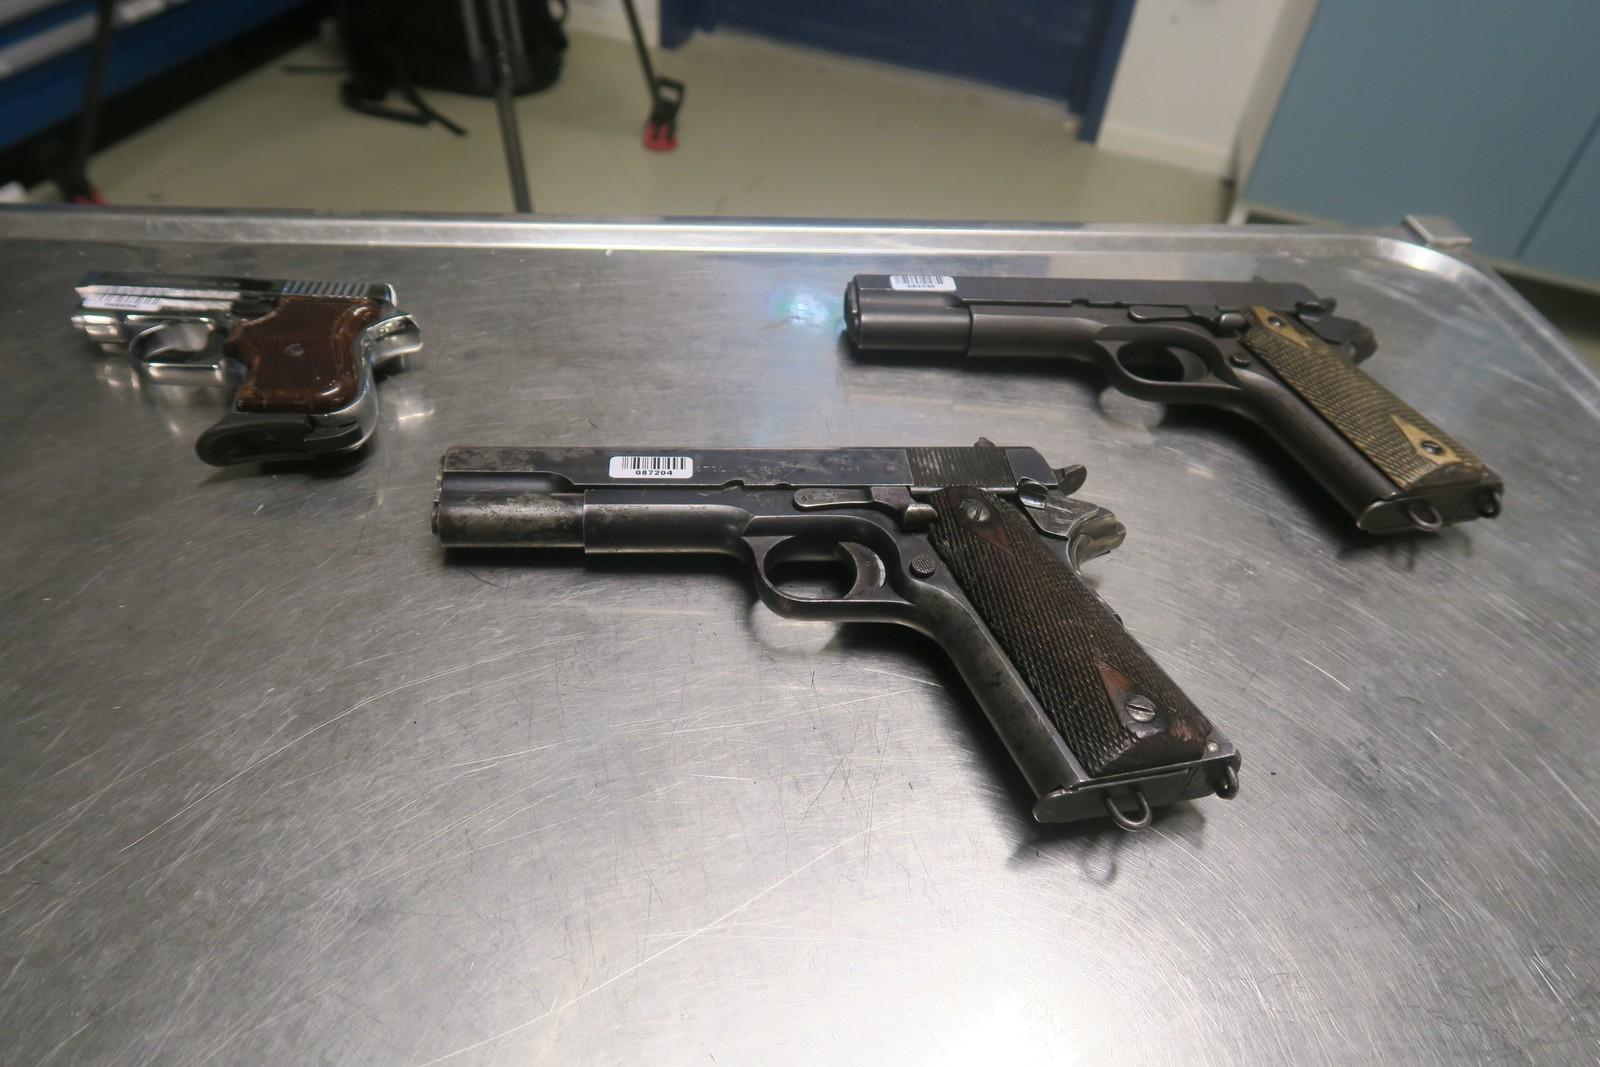 Kripos sender hvert år rundt 8000 våpen til destruering. Våpnene hakkes opp og metallet kan brukes i for eksempel armeringsjern og spiker.